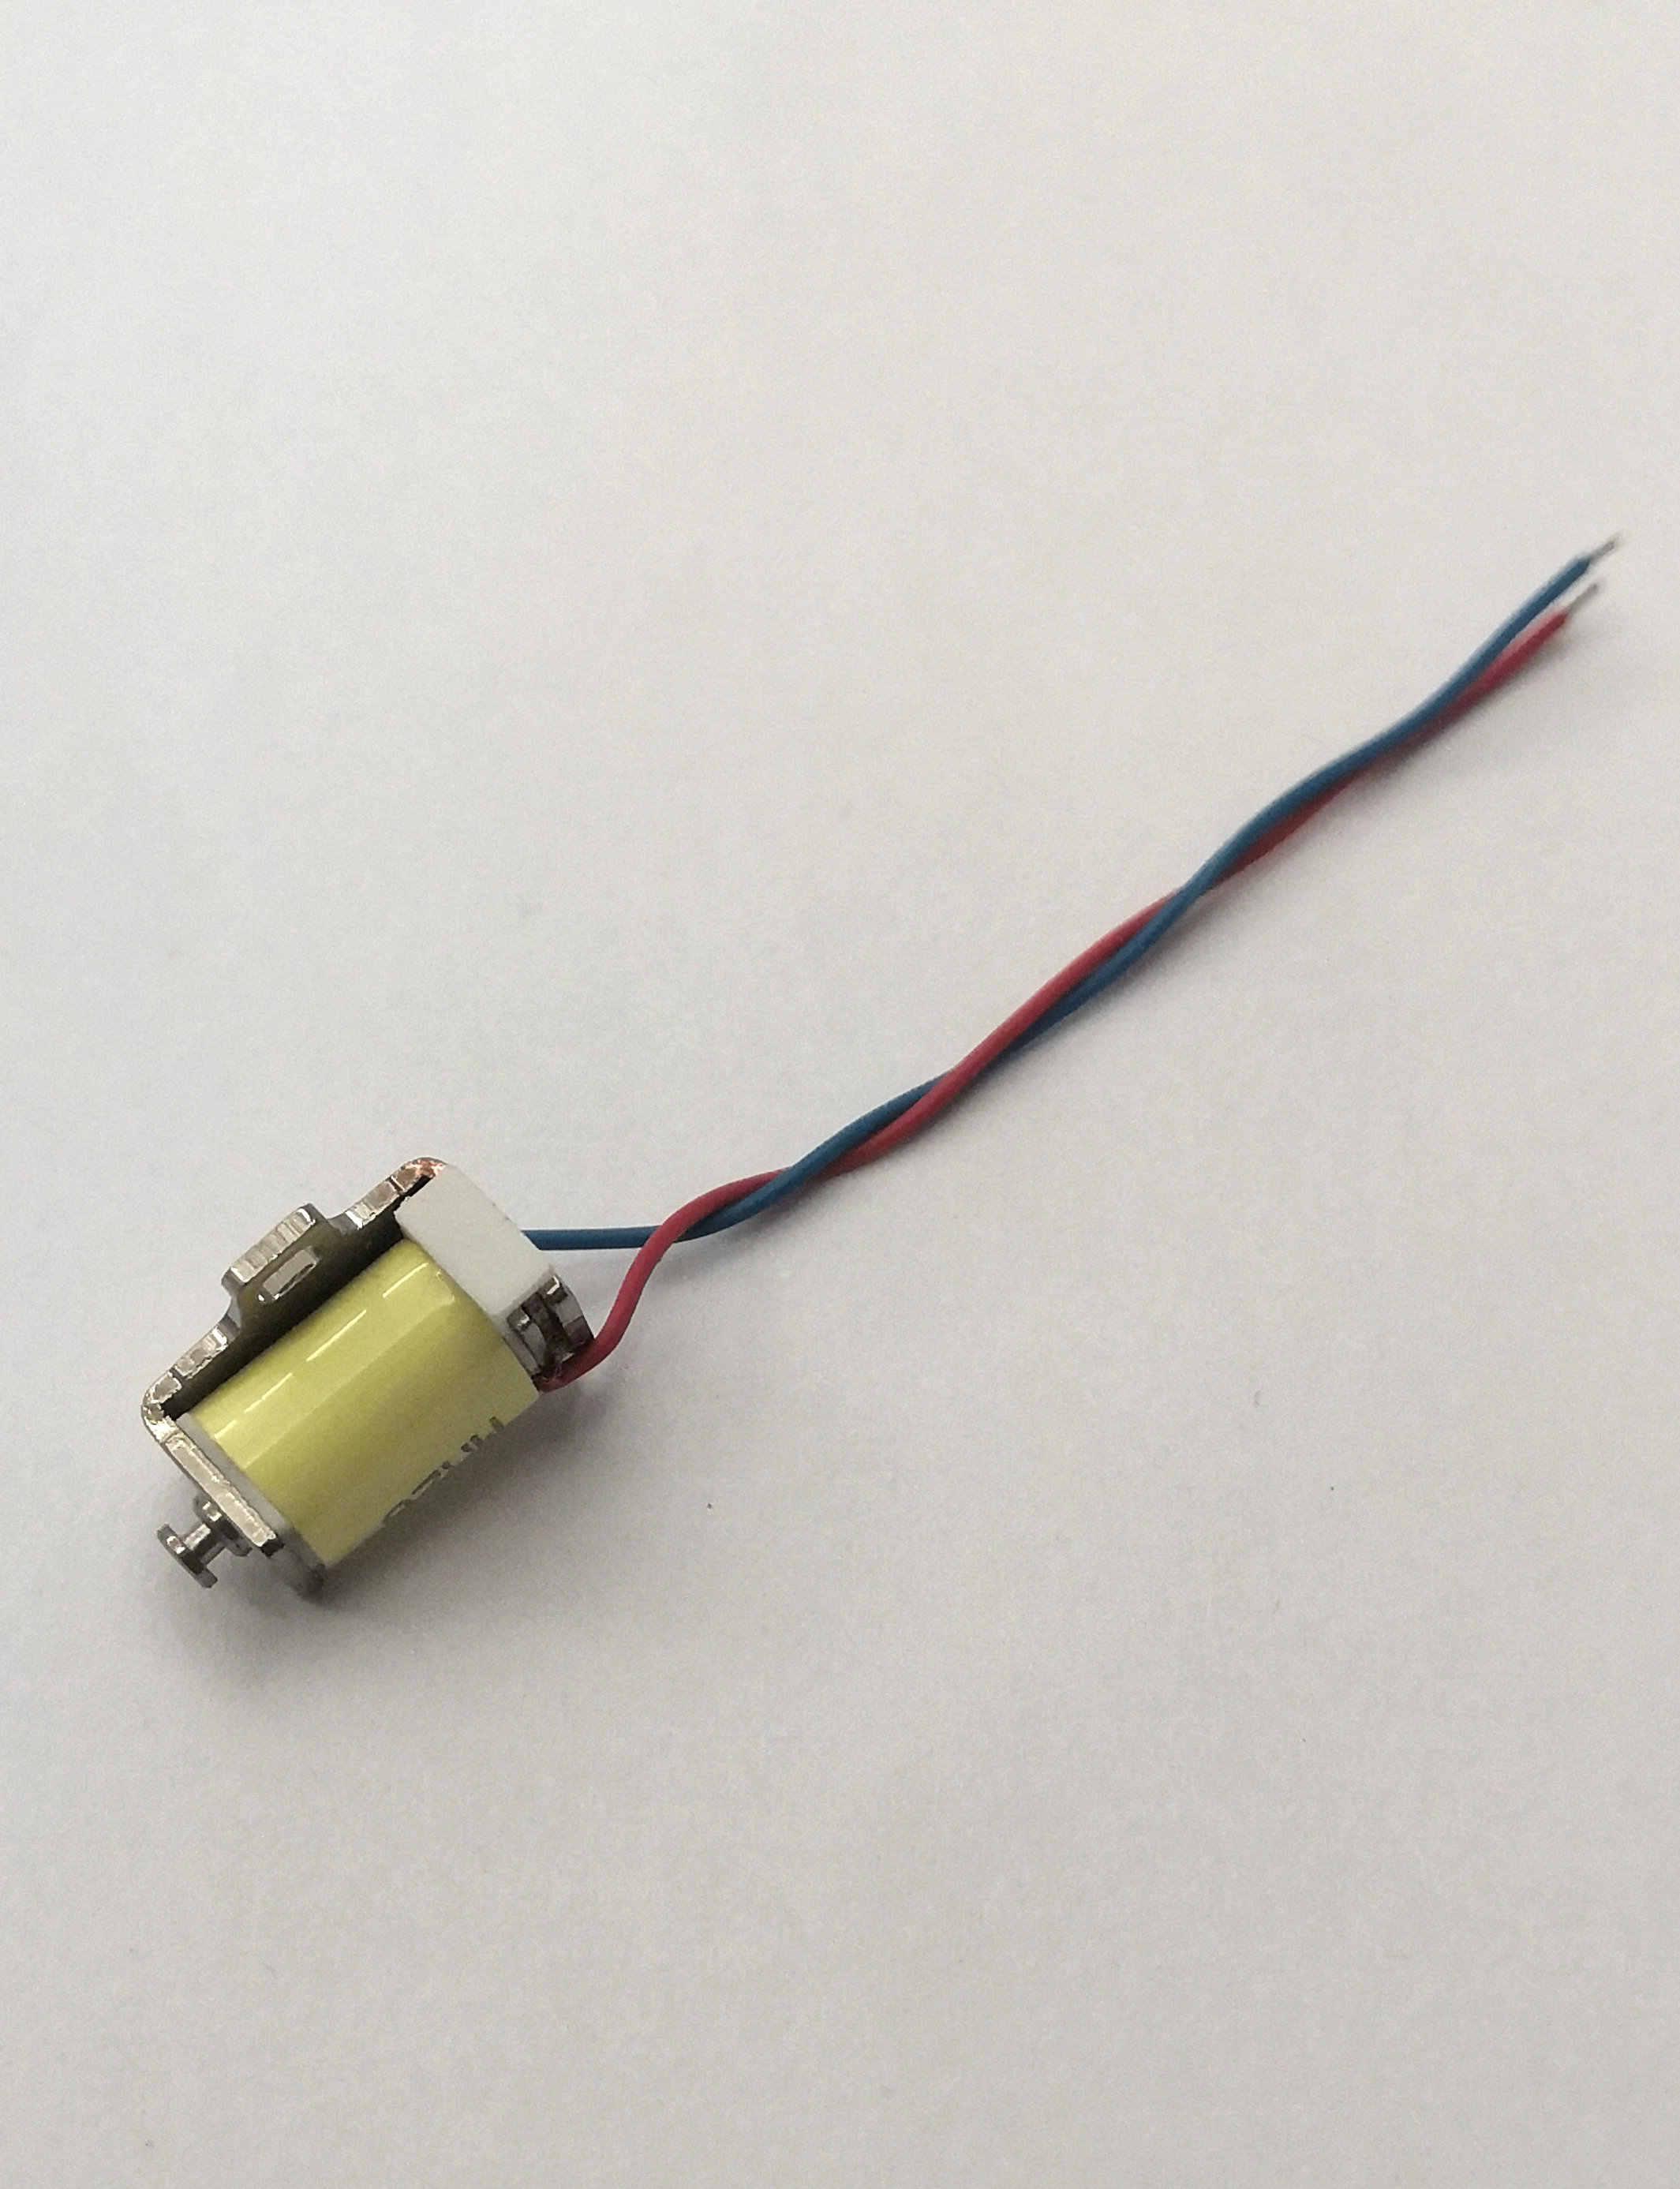 Electroimán en miniatura, válvula solenoide, interruptor electromagnético en miniatura, electroimán extraíble, electrónica extraíble